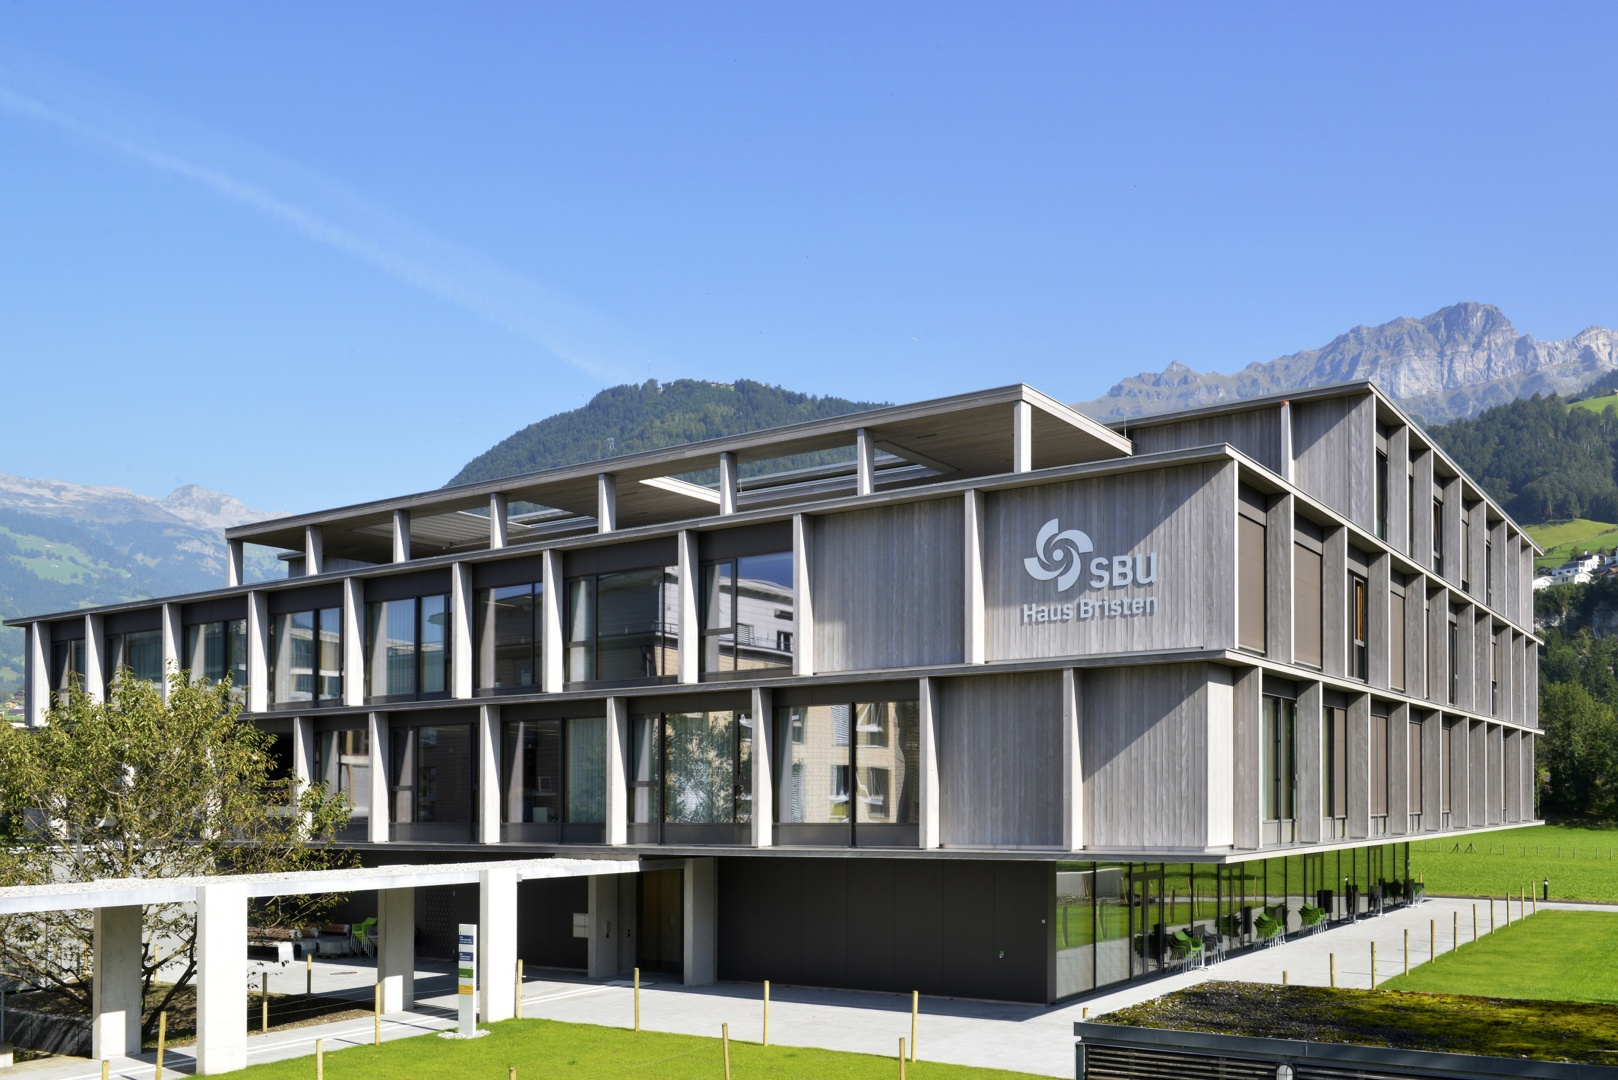 SBU Haus Bristen | Schweizer Baudokumentation